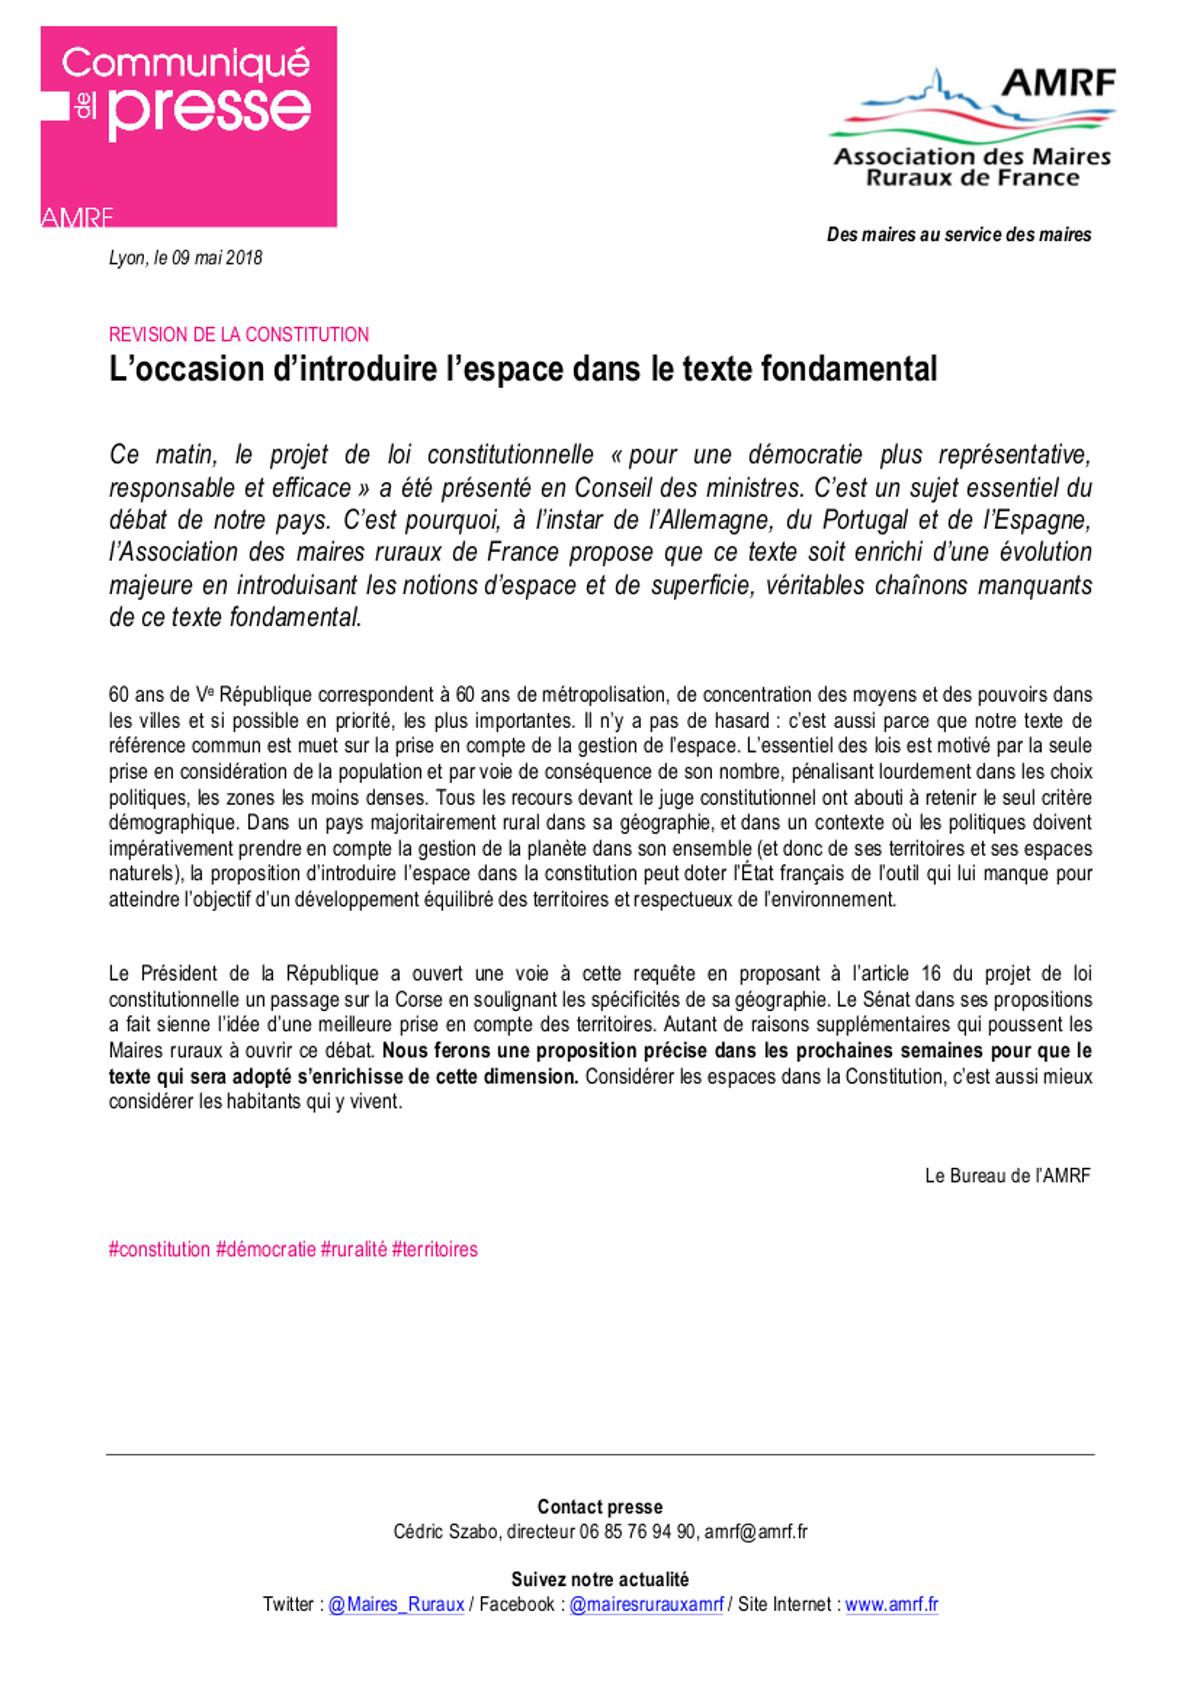 180509 revision constitution